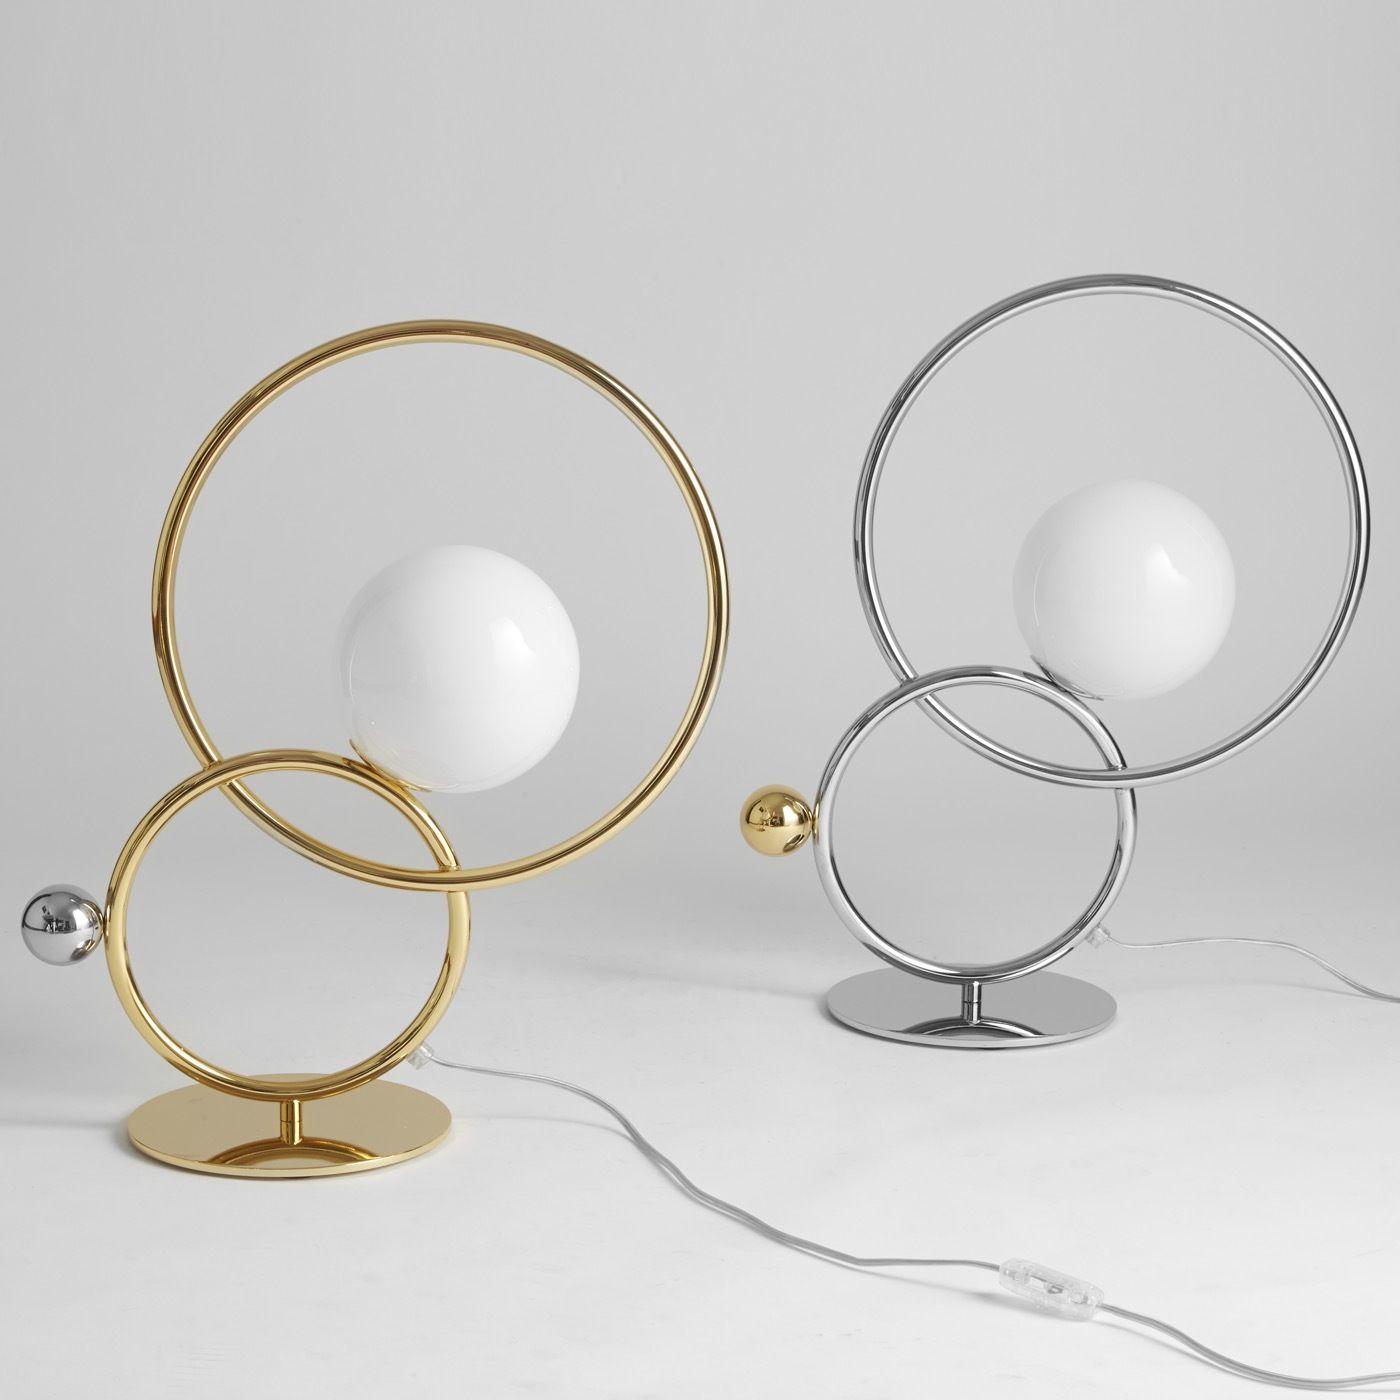 Zoe Gold Table Lamp In 2020 Gold Table Lamp Gold Table Lamp